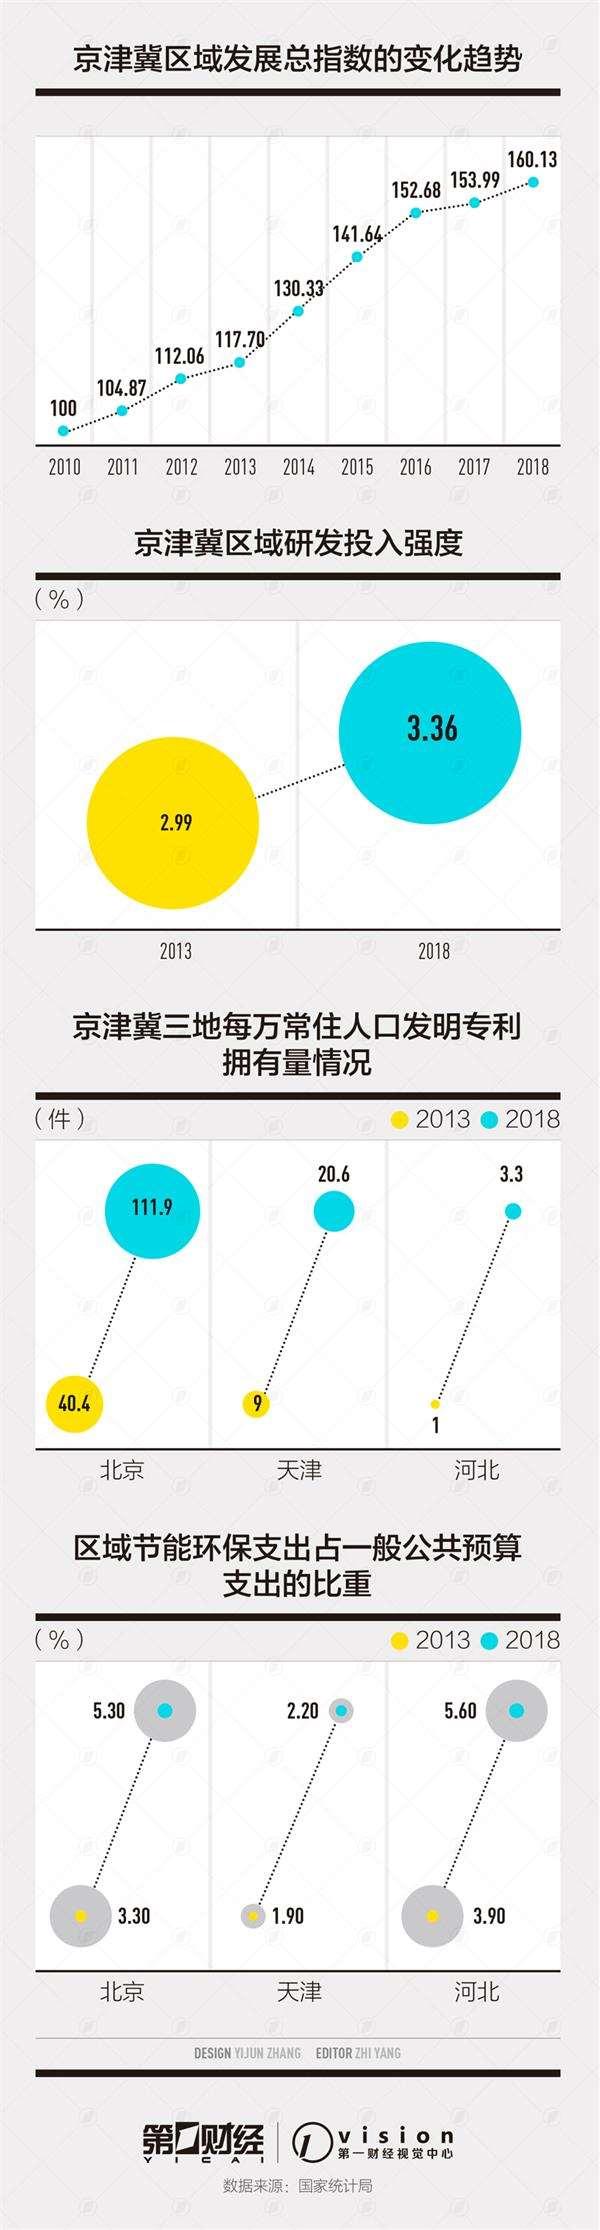 京津冀五年成绩单有哪些亮点?三地研发投入强度差距不断缩小